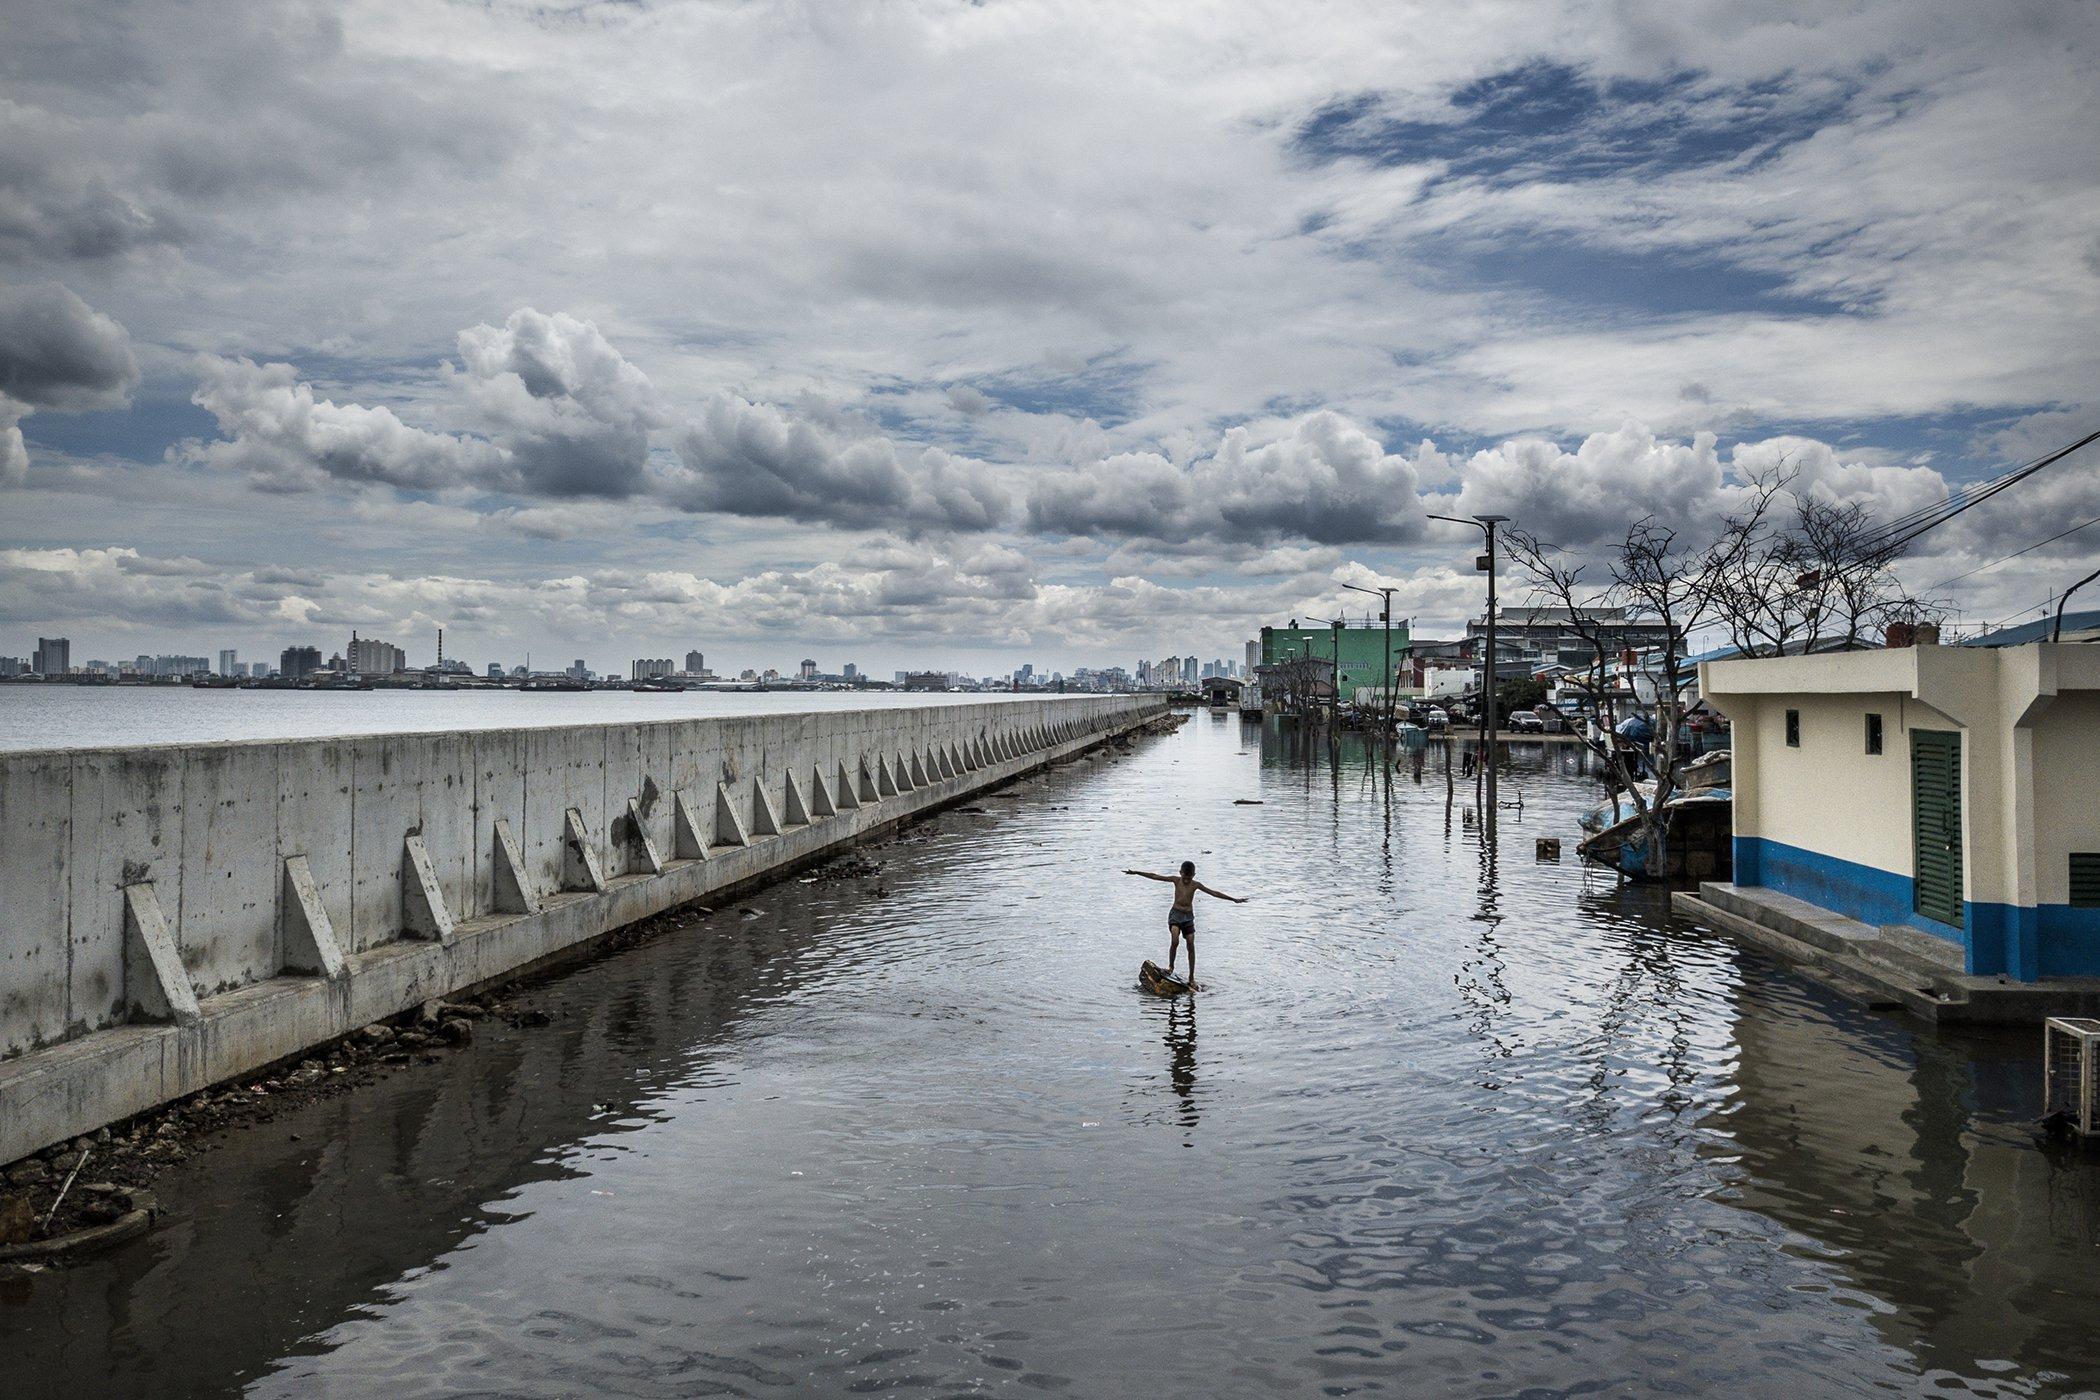 Rijzend Water_Jakarta_2018_credits © Kadir van Lohuizen - NOOR copy.jpg